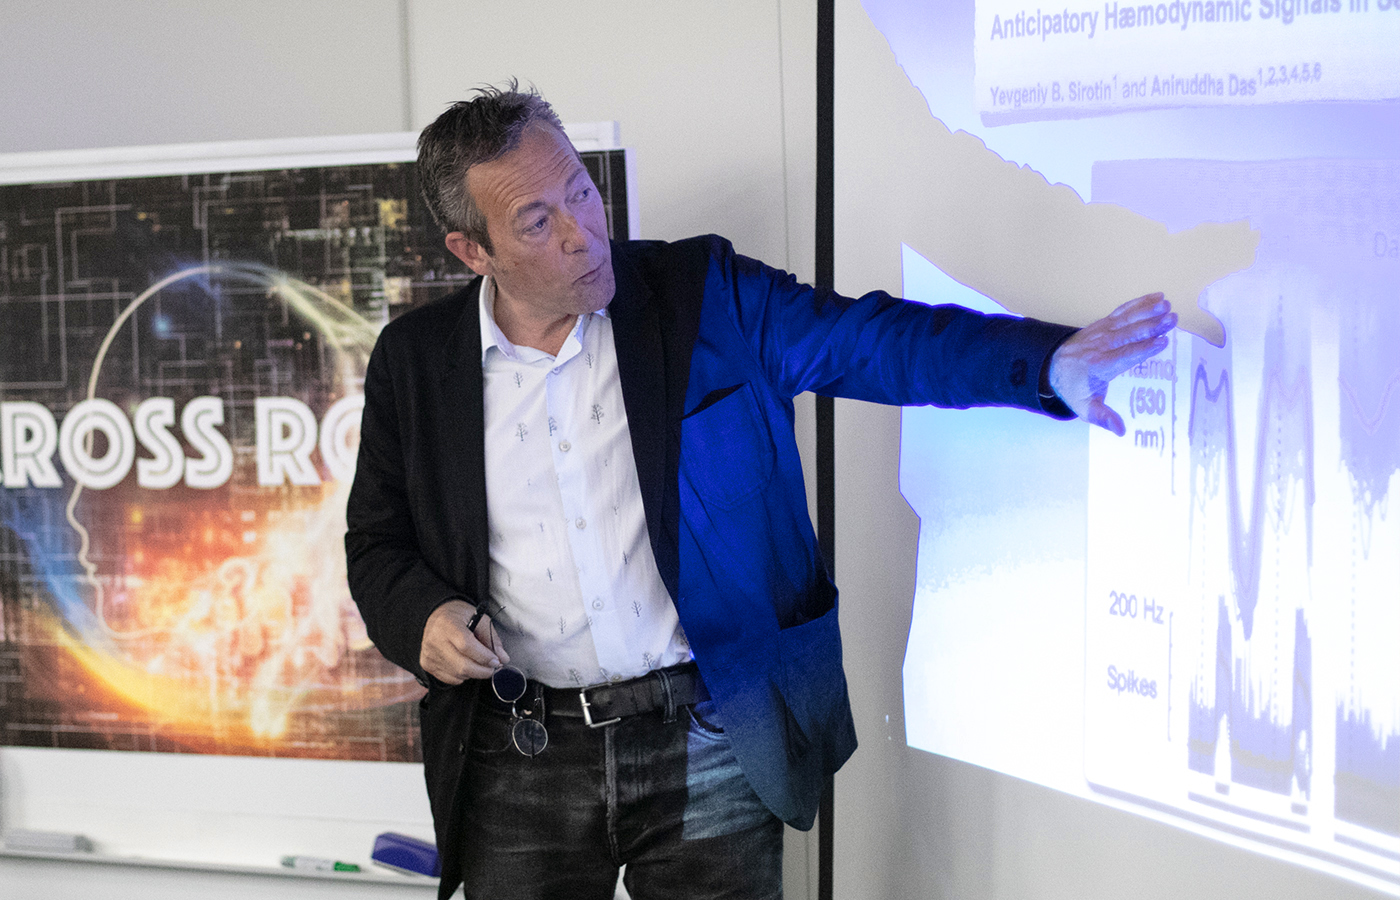 Prof. Axel Cleeremans speaks at Cross Roads